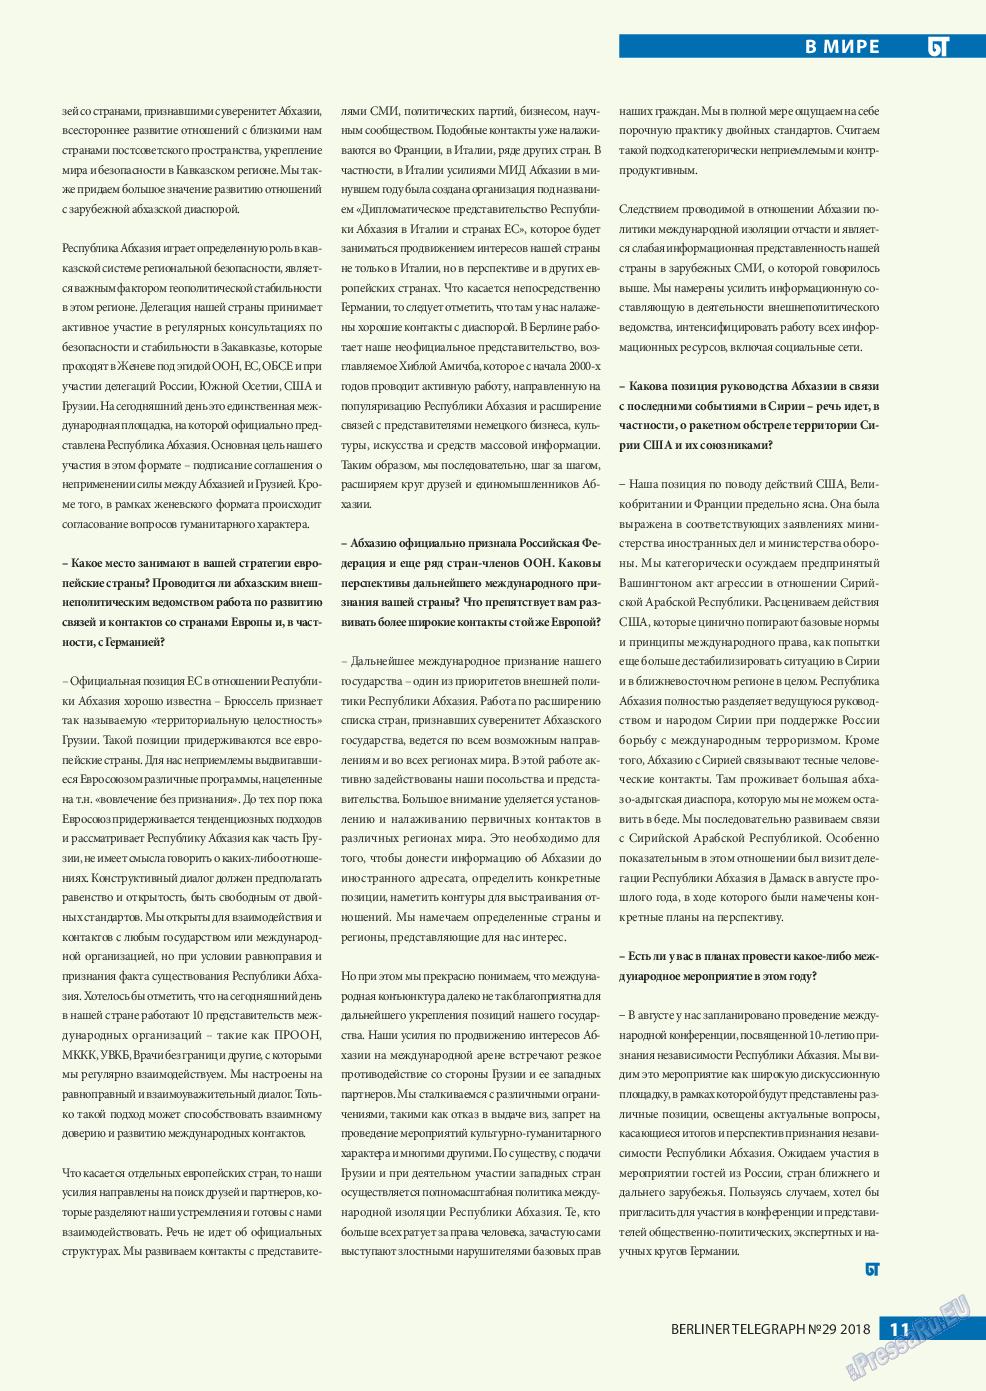 Берлинский телеграф (журнал). 2018 год, номер 29, стр. 11